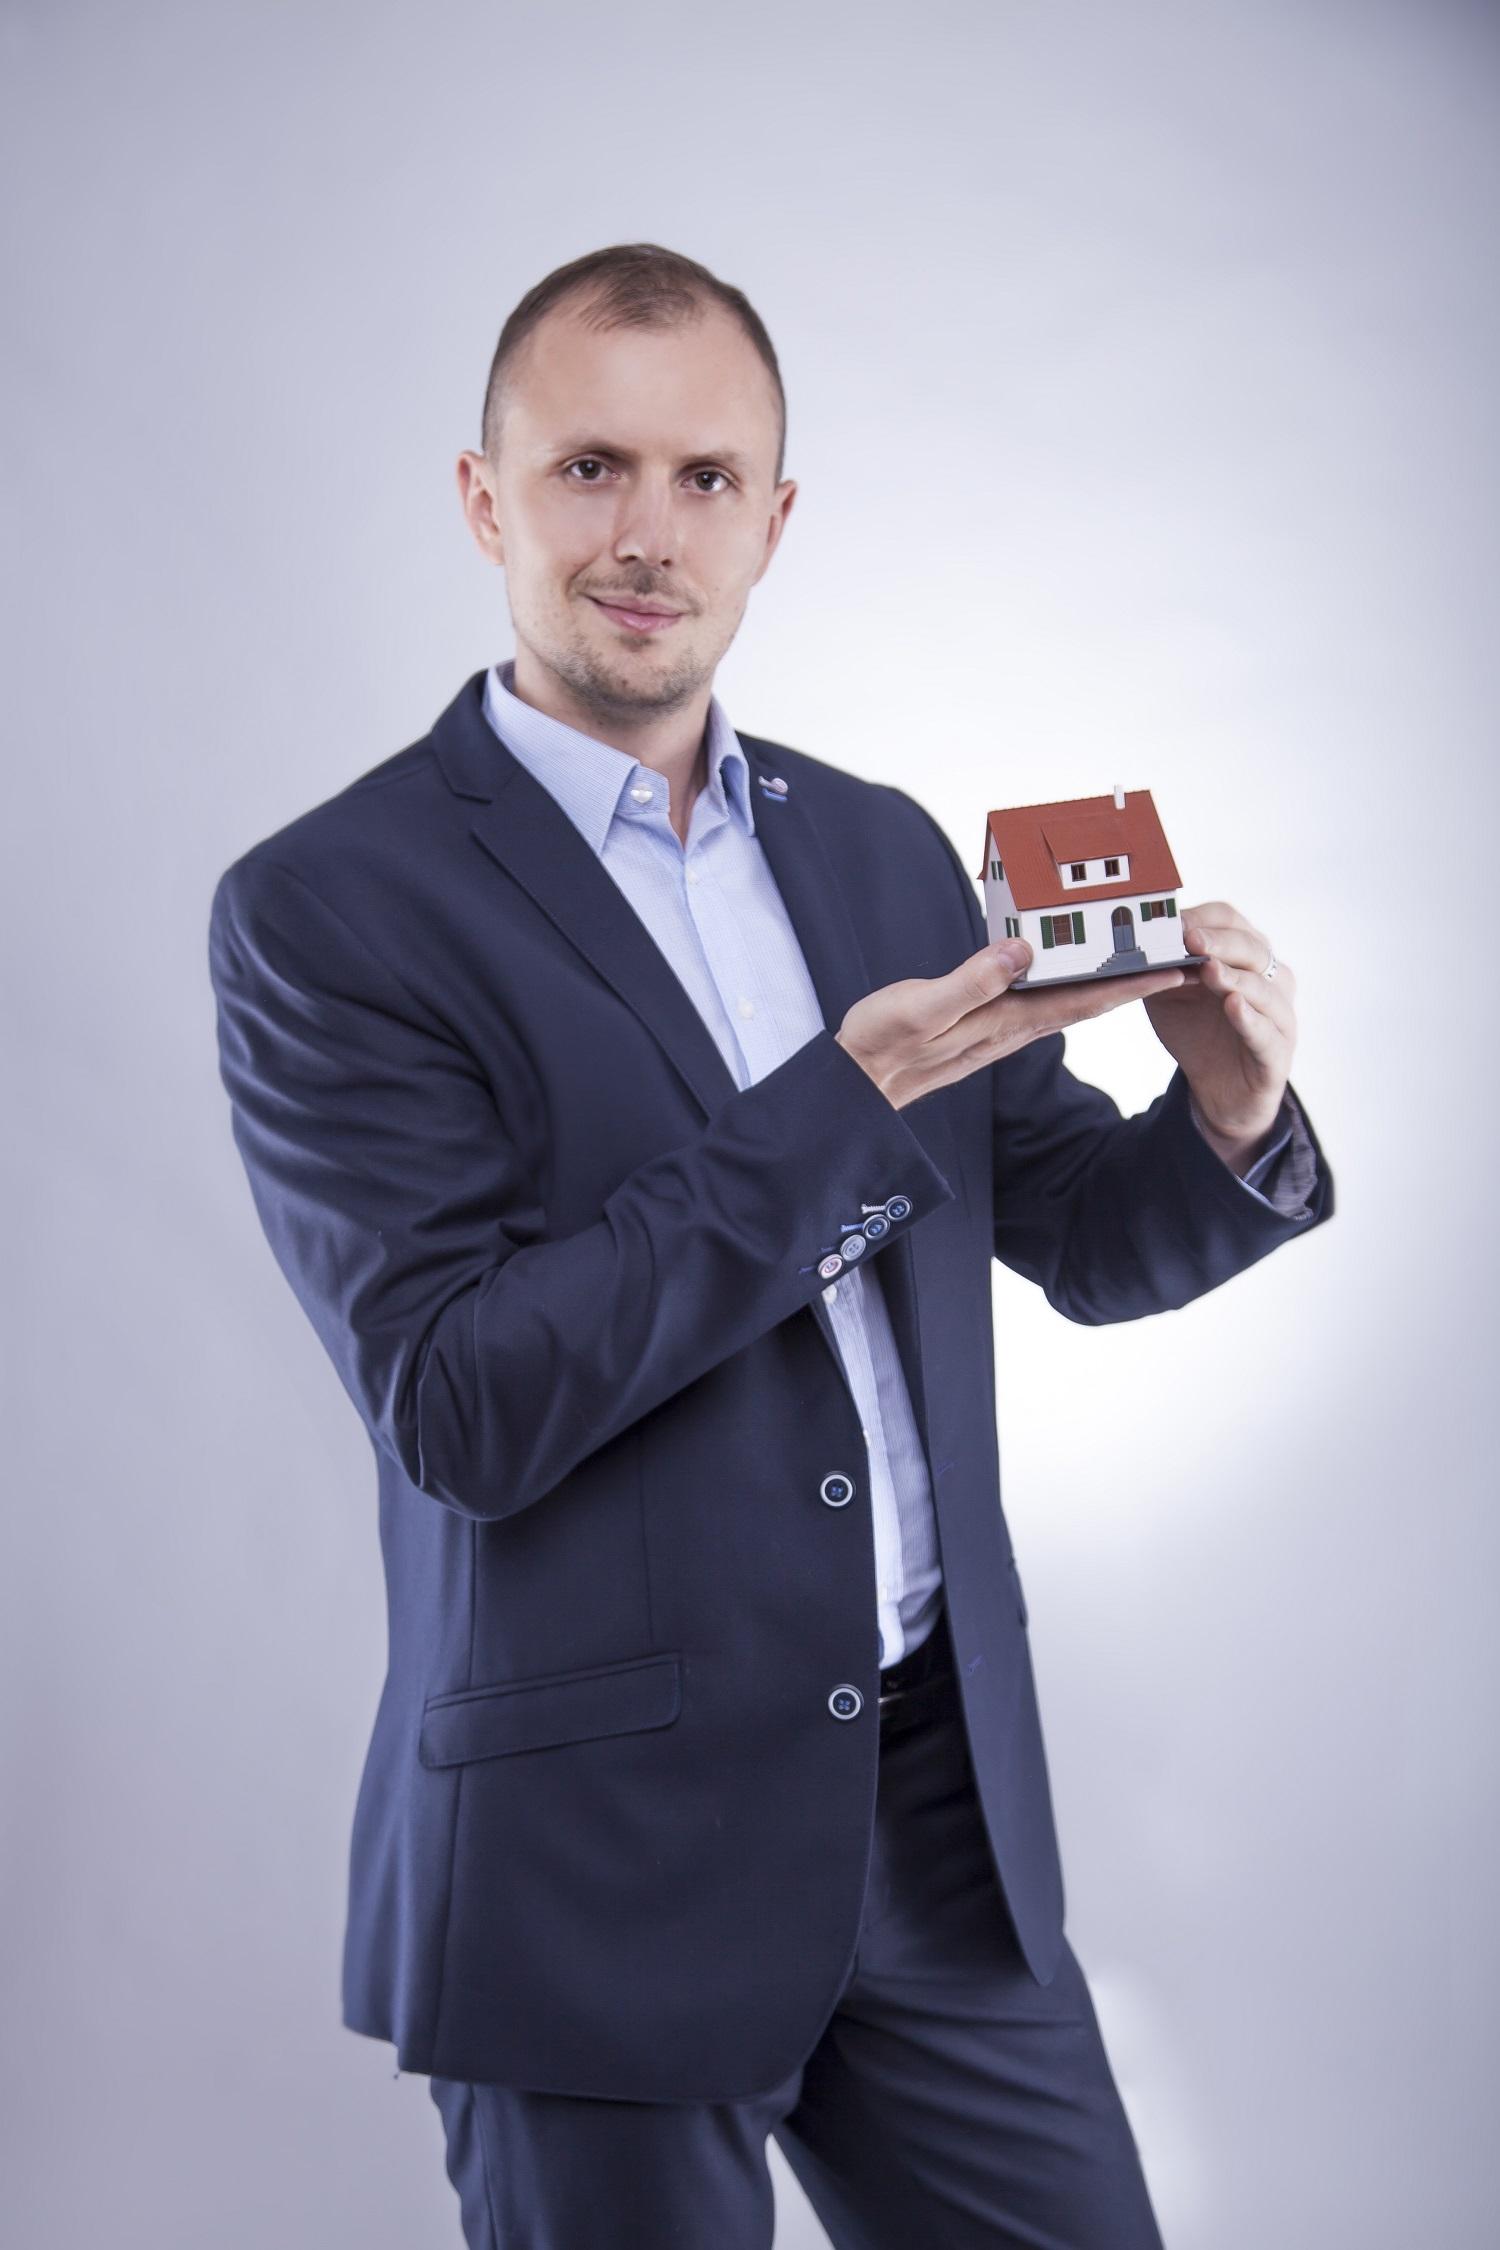 Maciej Tomaszczak